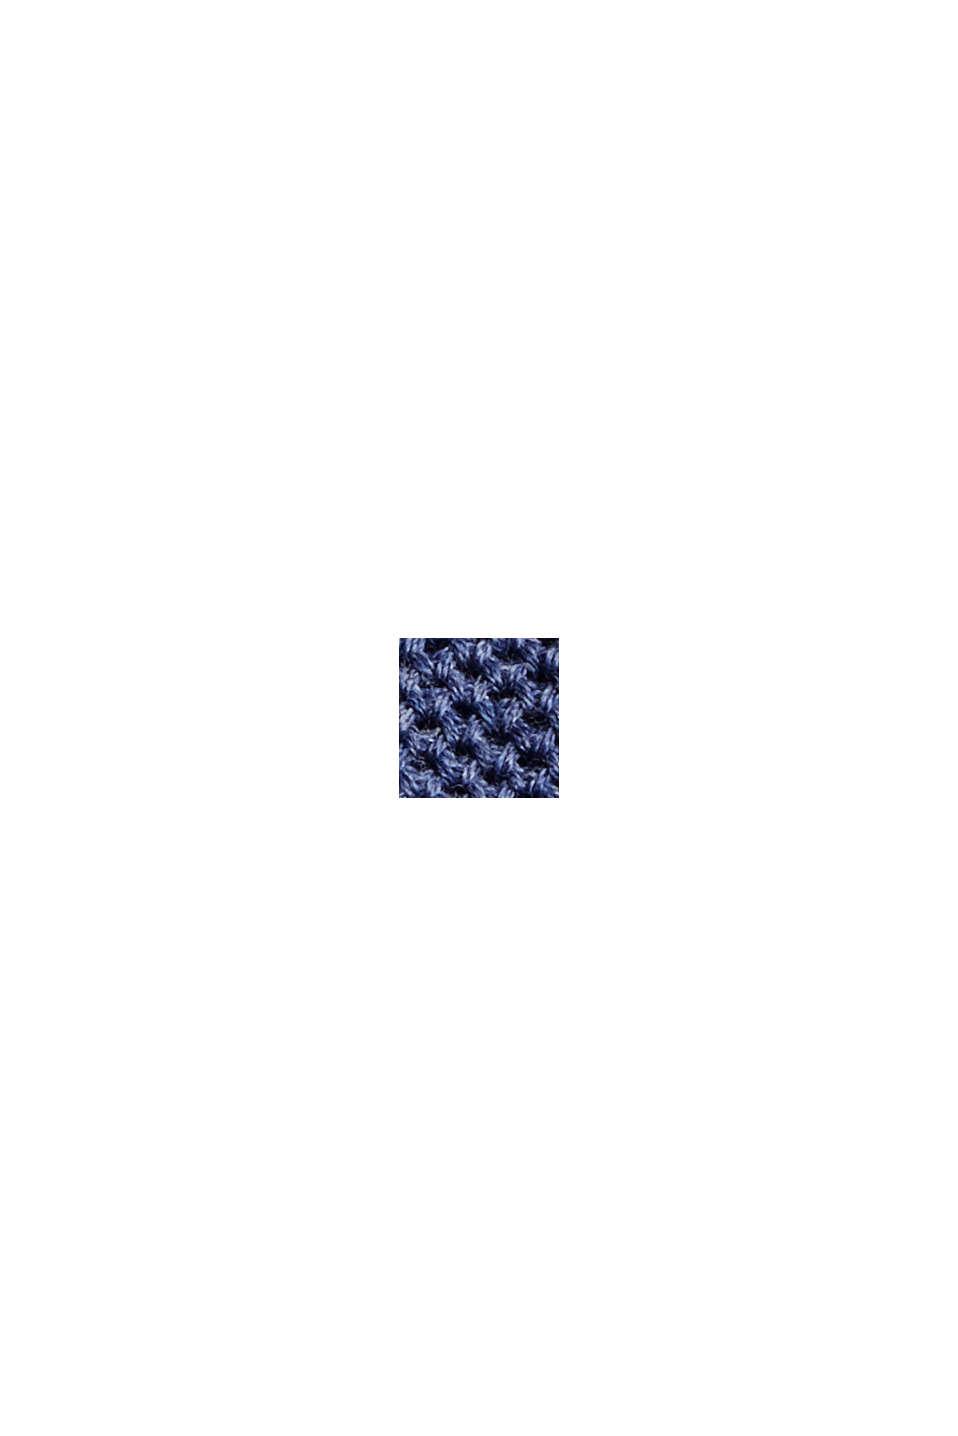 Pull-over texturé, 100% coton biologique, GREY BLUE, swatch